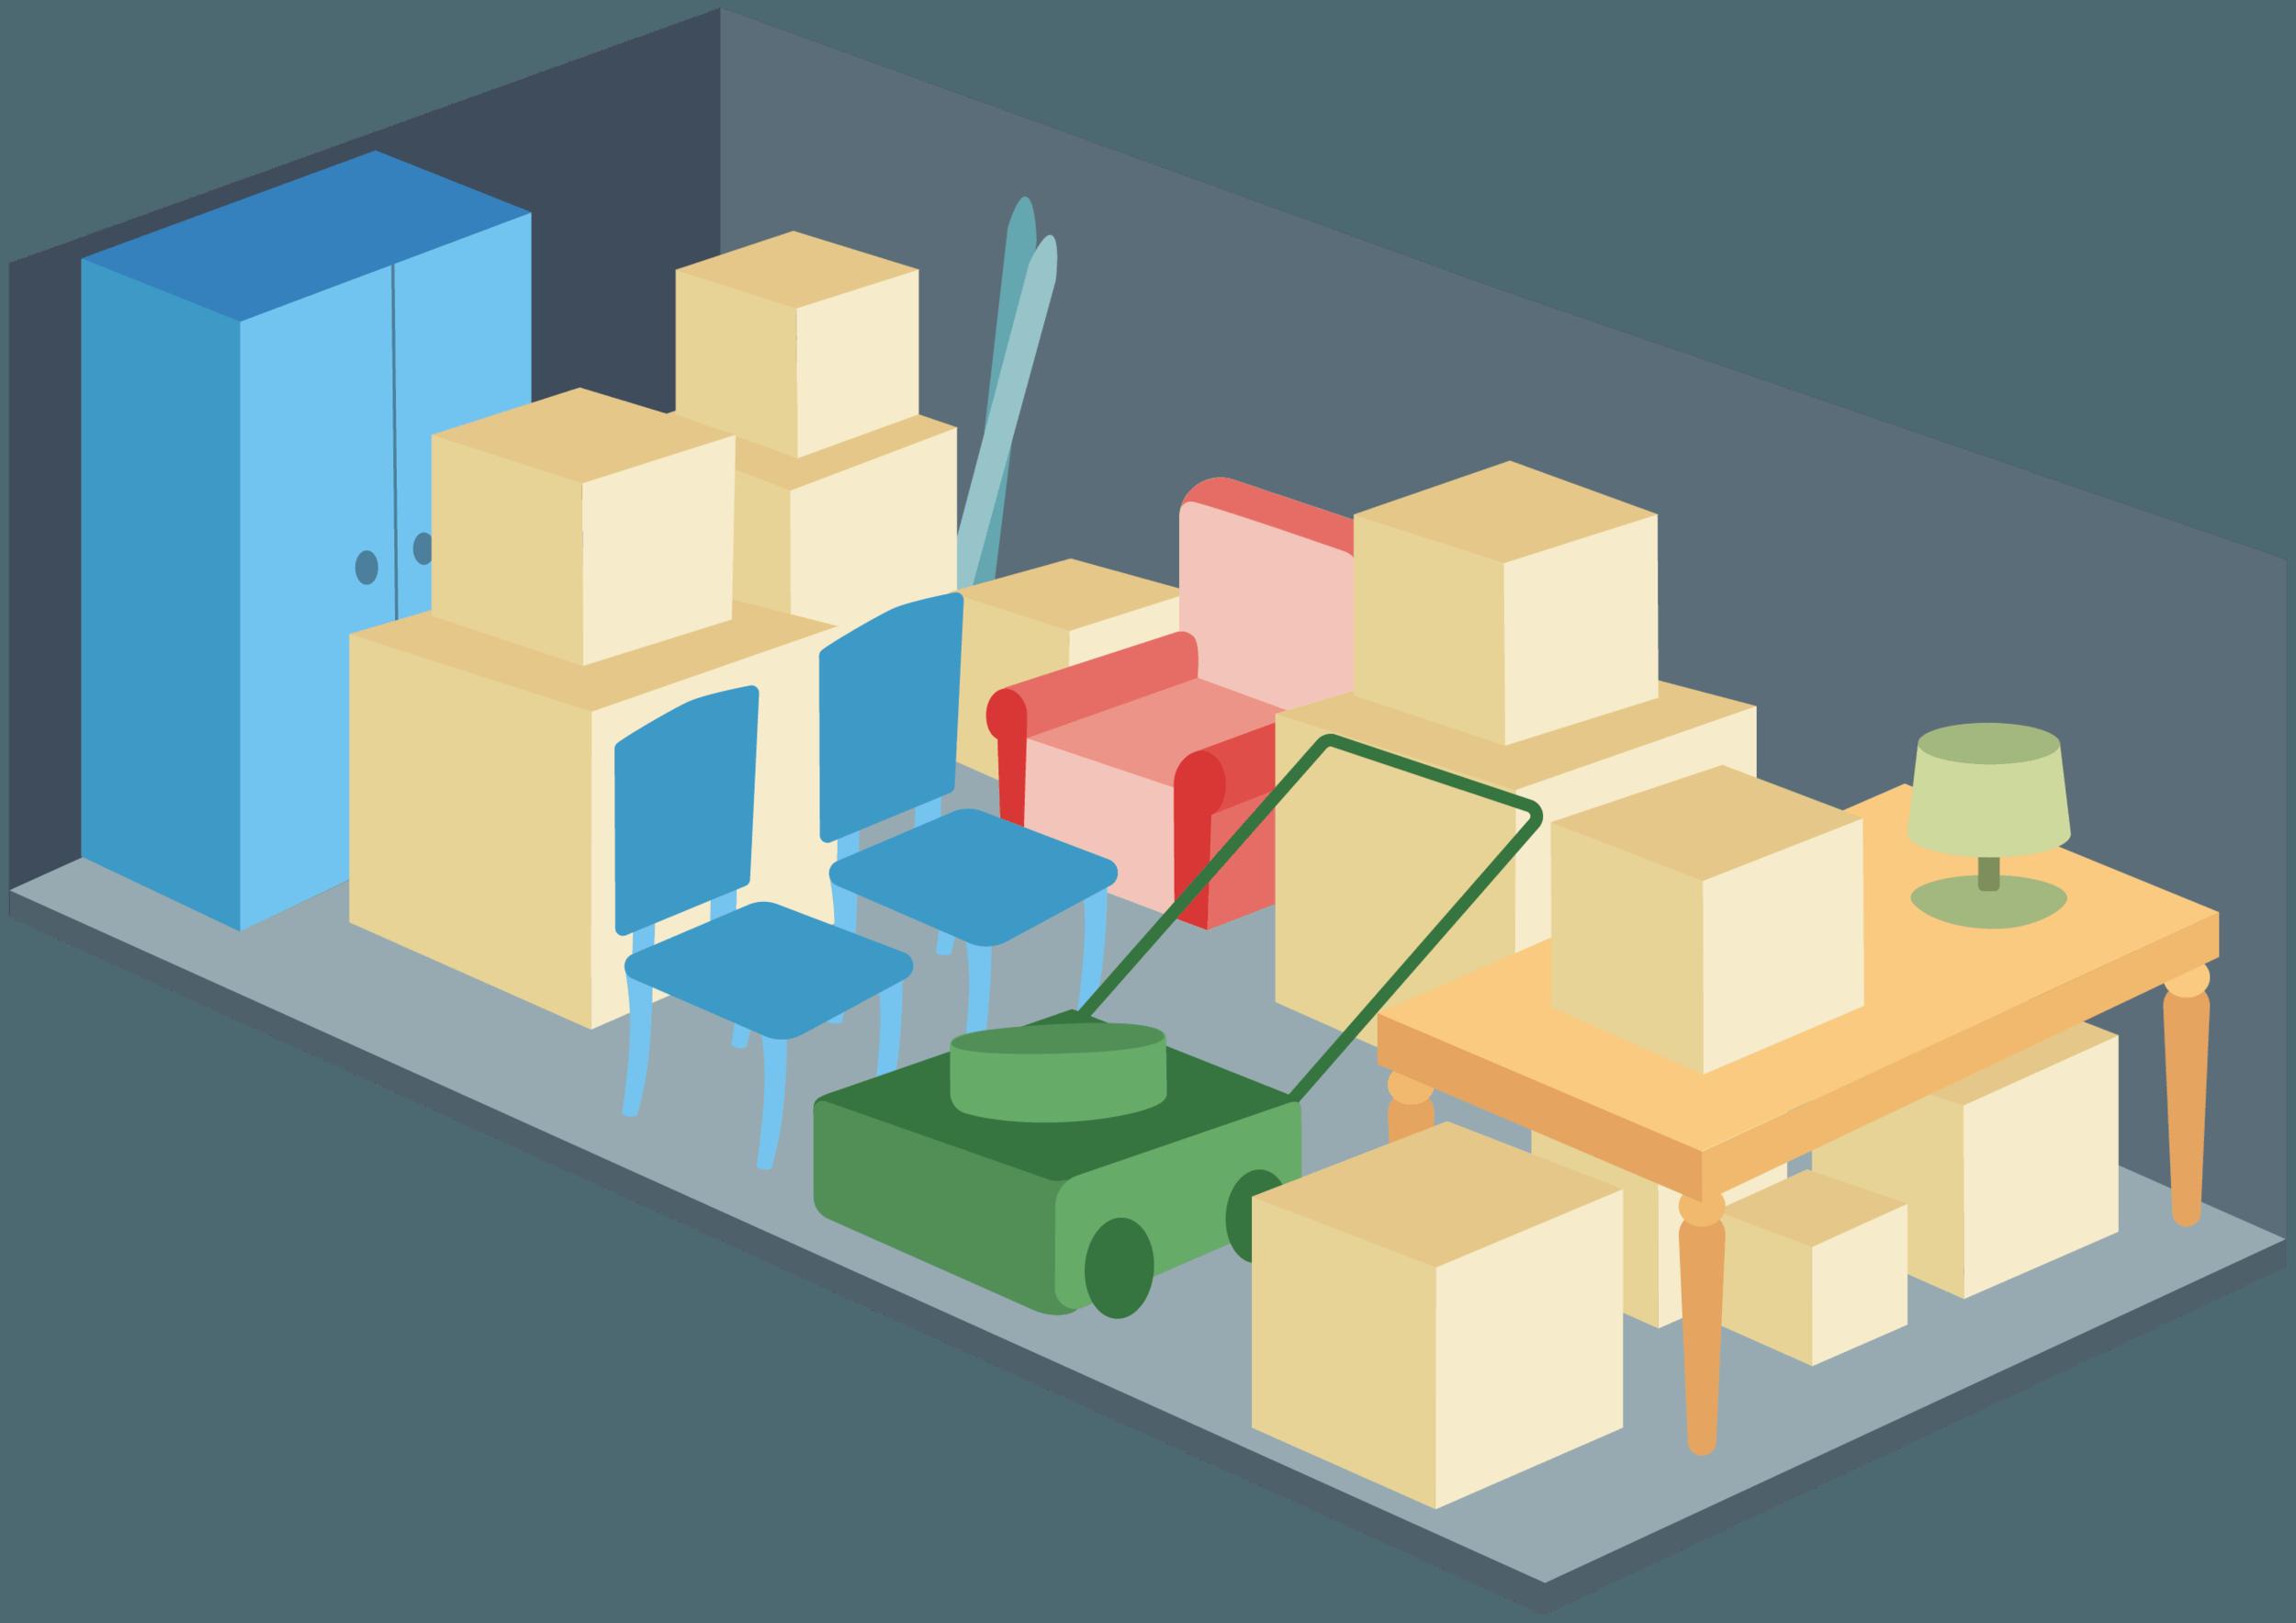 10x20 Storage Units